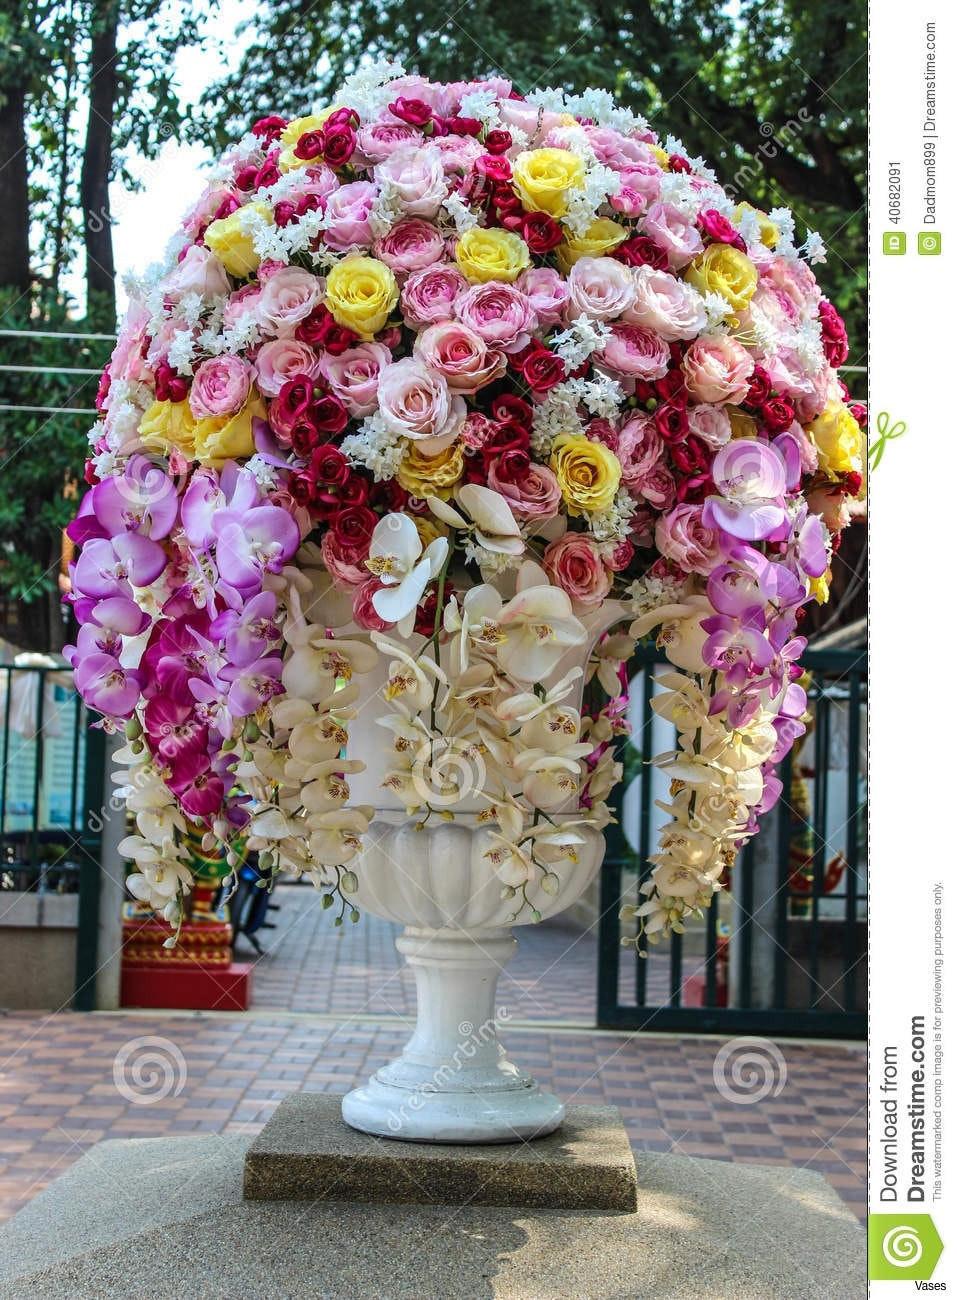 flower vase garden of 40 decoration ideas garden party decoration ideas galleries with regard to decoration ideas garden party vases flower floor vase with flowersi 0d outdoor arrangements s